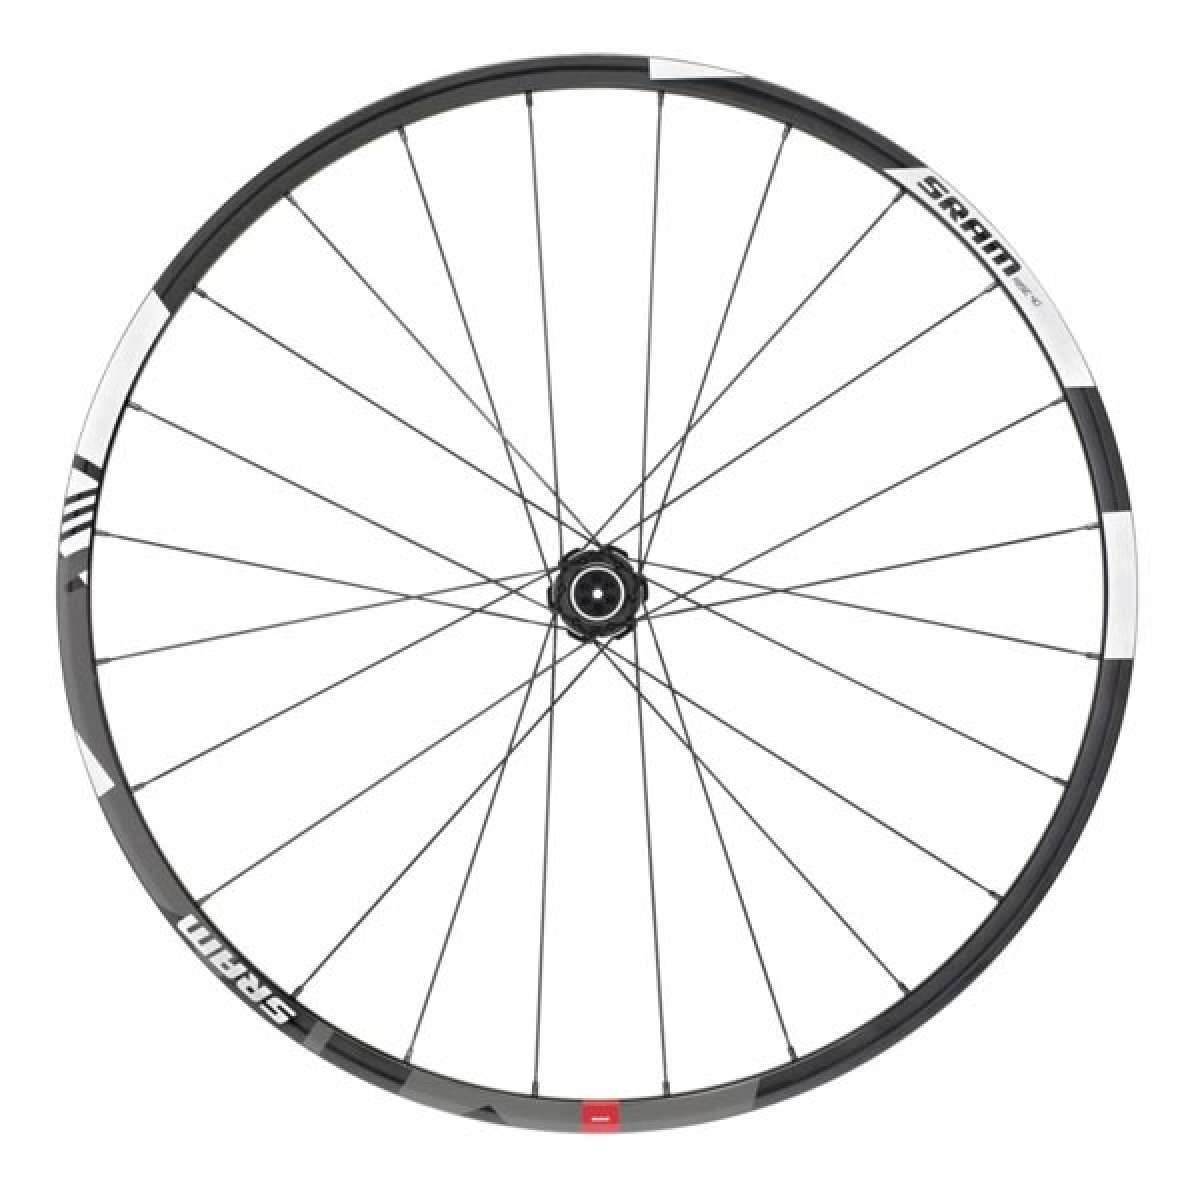 Nuevas ruedas Rise 40 y 60 de SRAM para Mountain Bike: Primer contacto